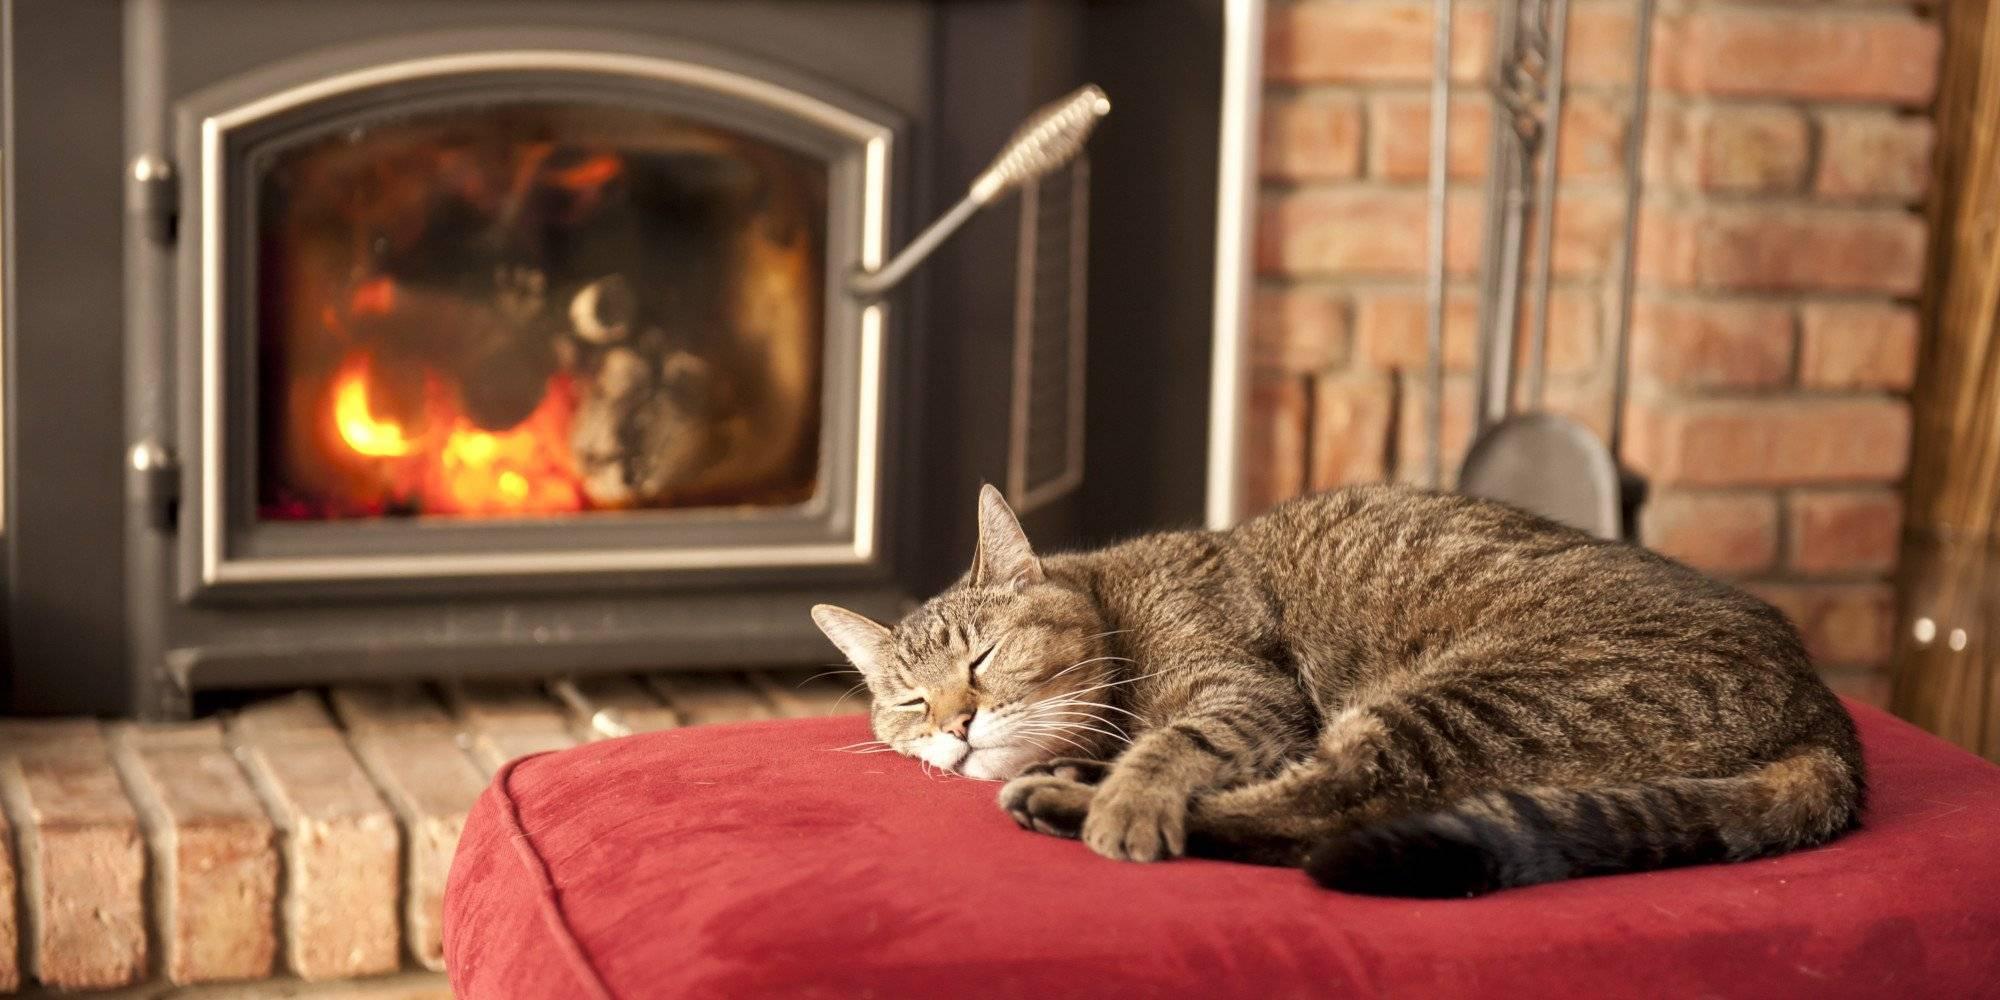 Плюсы и минусы камина как источника отопления в доме